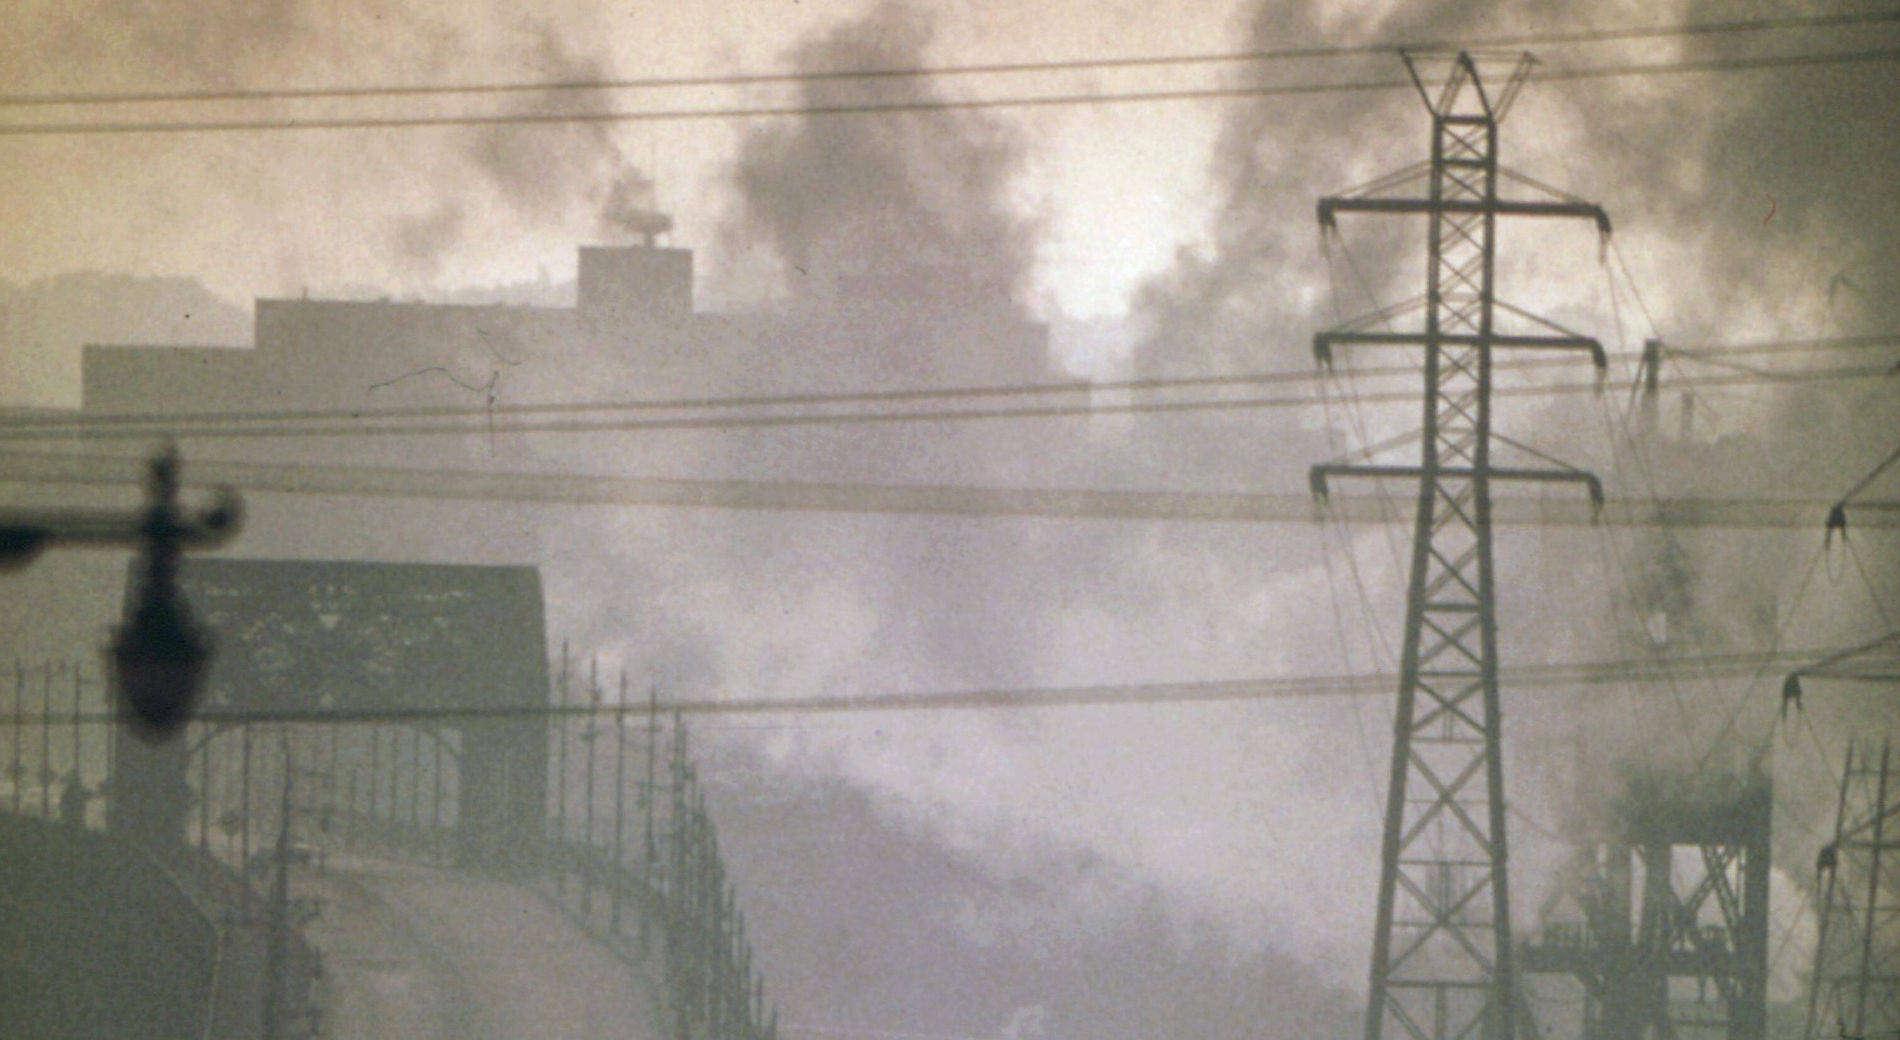 Widok miasta zanieczyszczonego dymem z kominów i spalinami